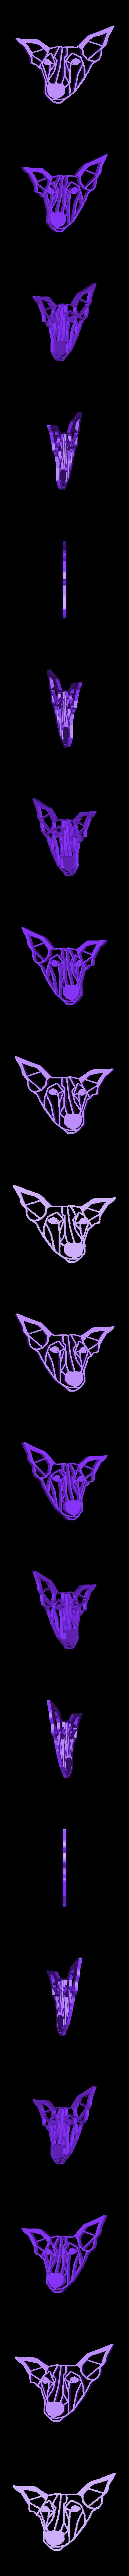 bowie2.stl Télécharger fichier STL gratuit Bowie I Greyhound Dog Wall Sculpture 2D • Plan à imprimer en 3D, UnpredictableLab